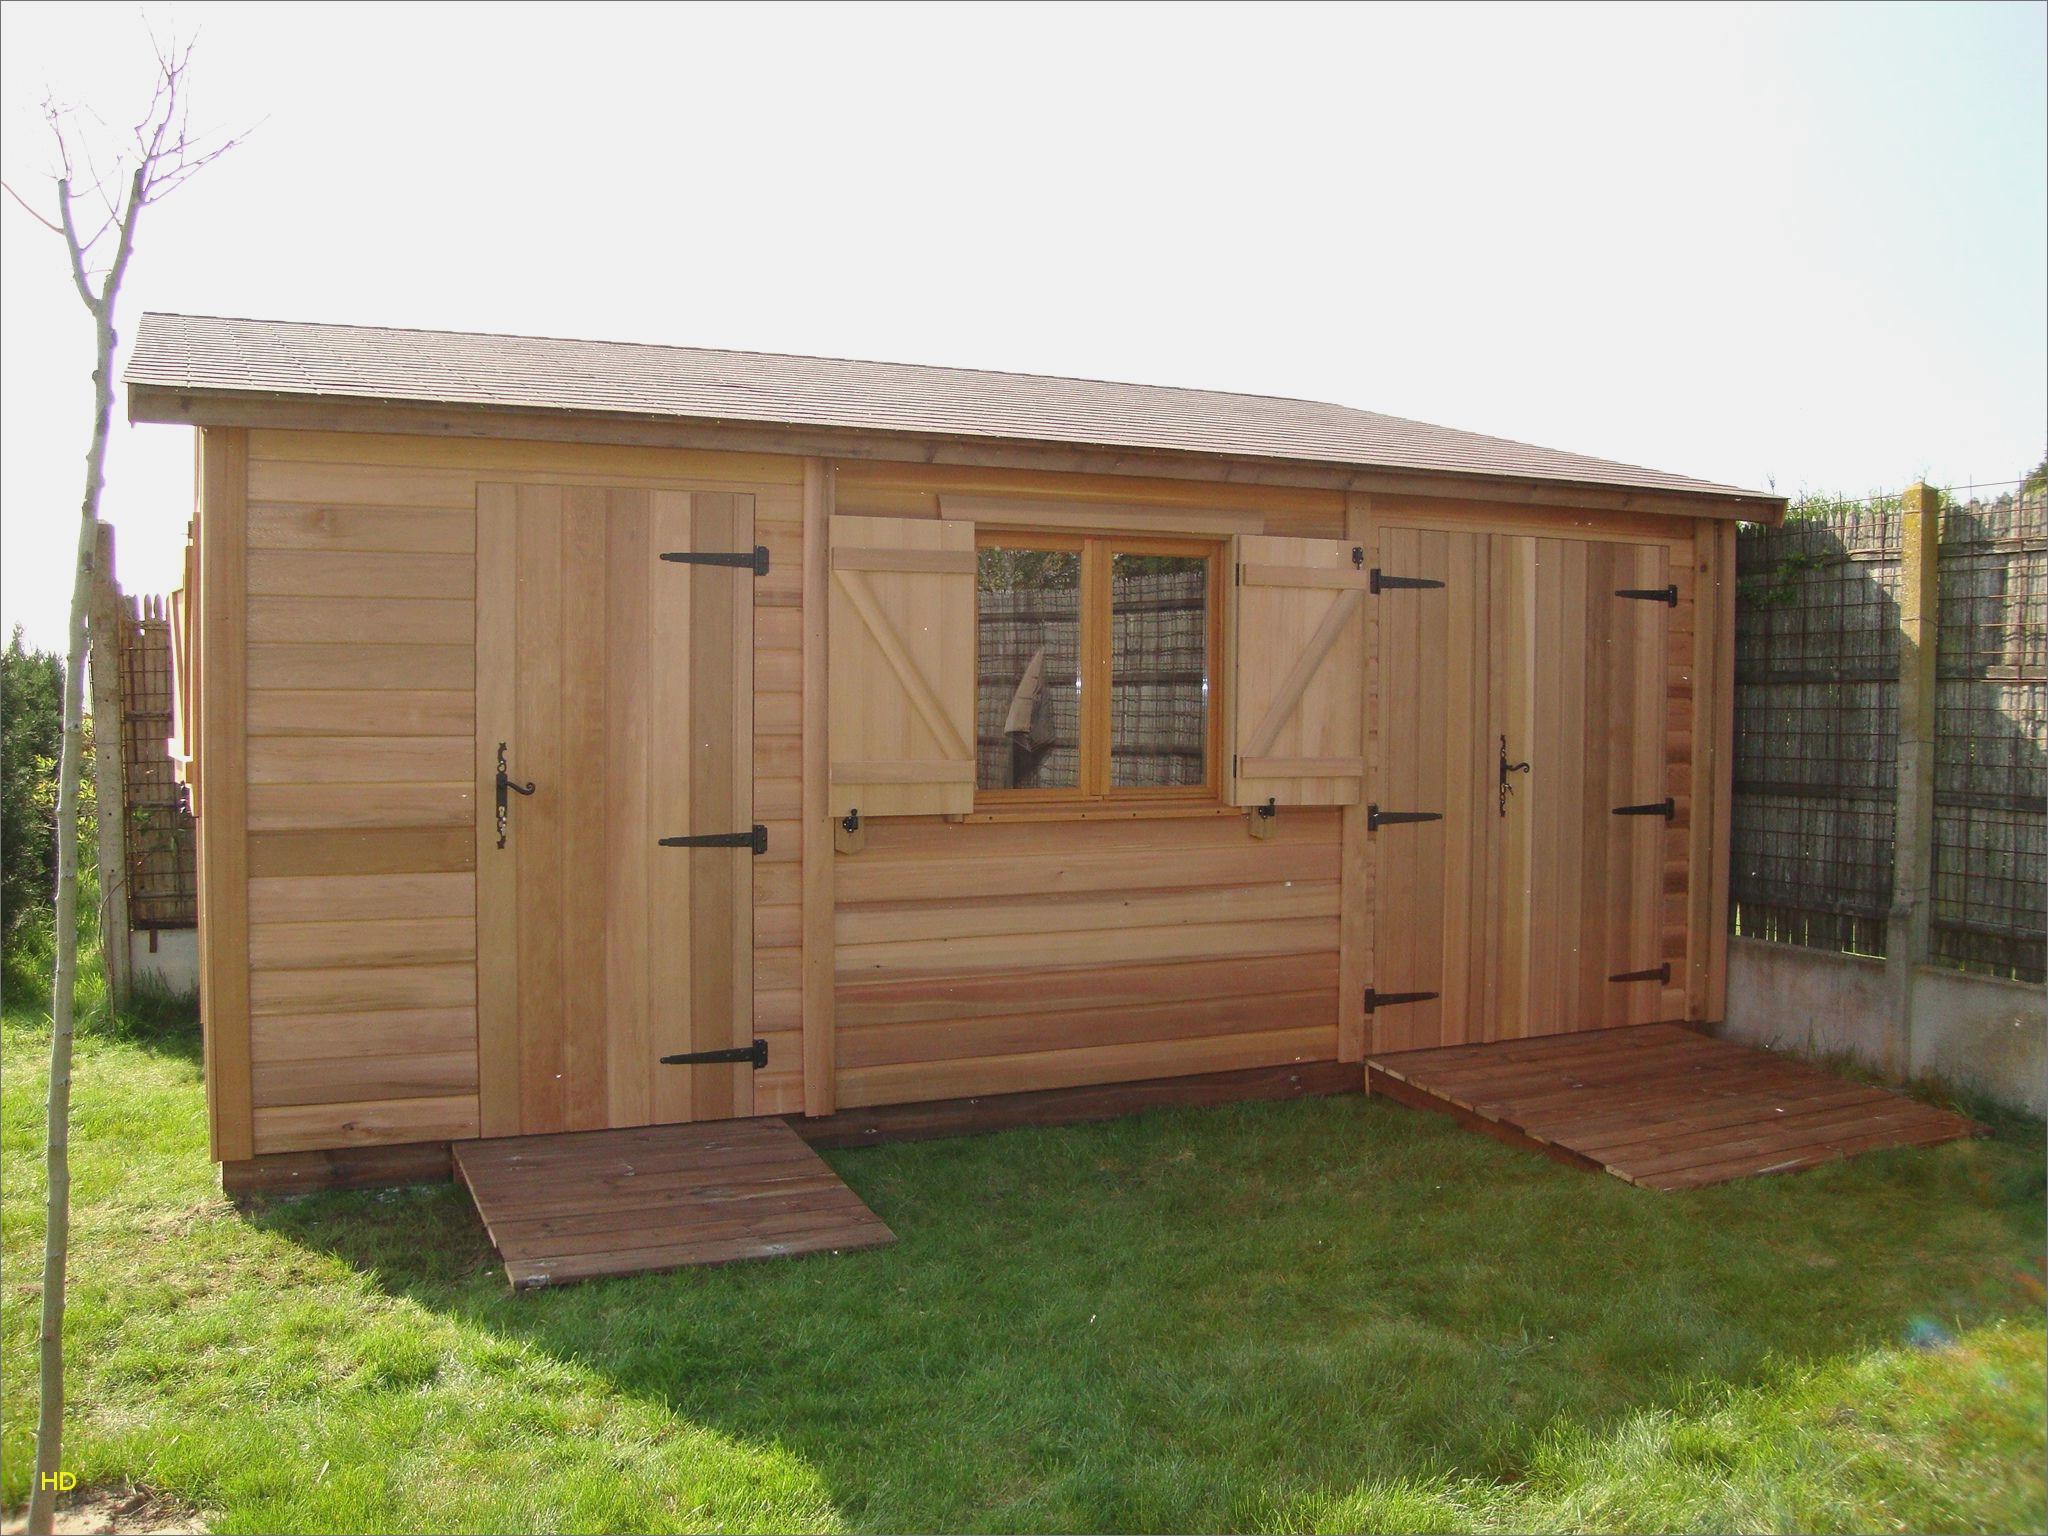 Idee Deco Interieur Cabane En Bois Nouveau Stock Castorama Cabane Jardin Idée Malgré Les Foyer – Sullivanmaxx